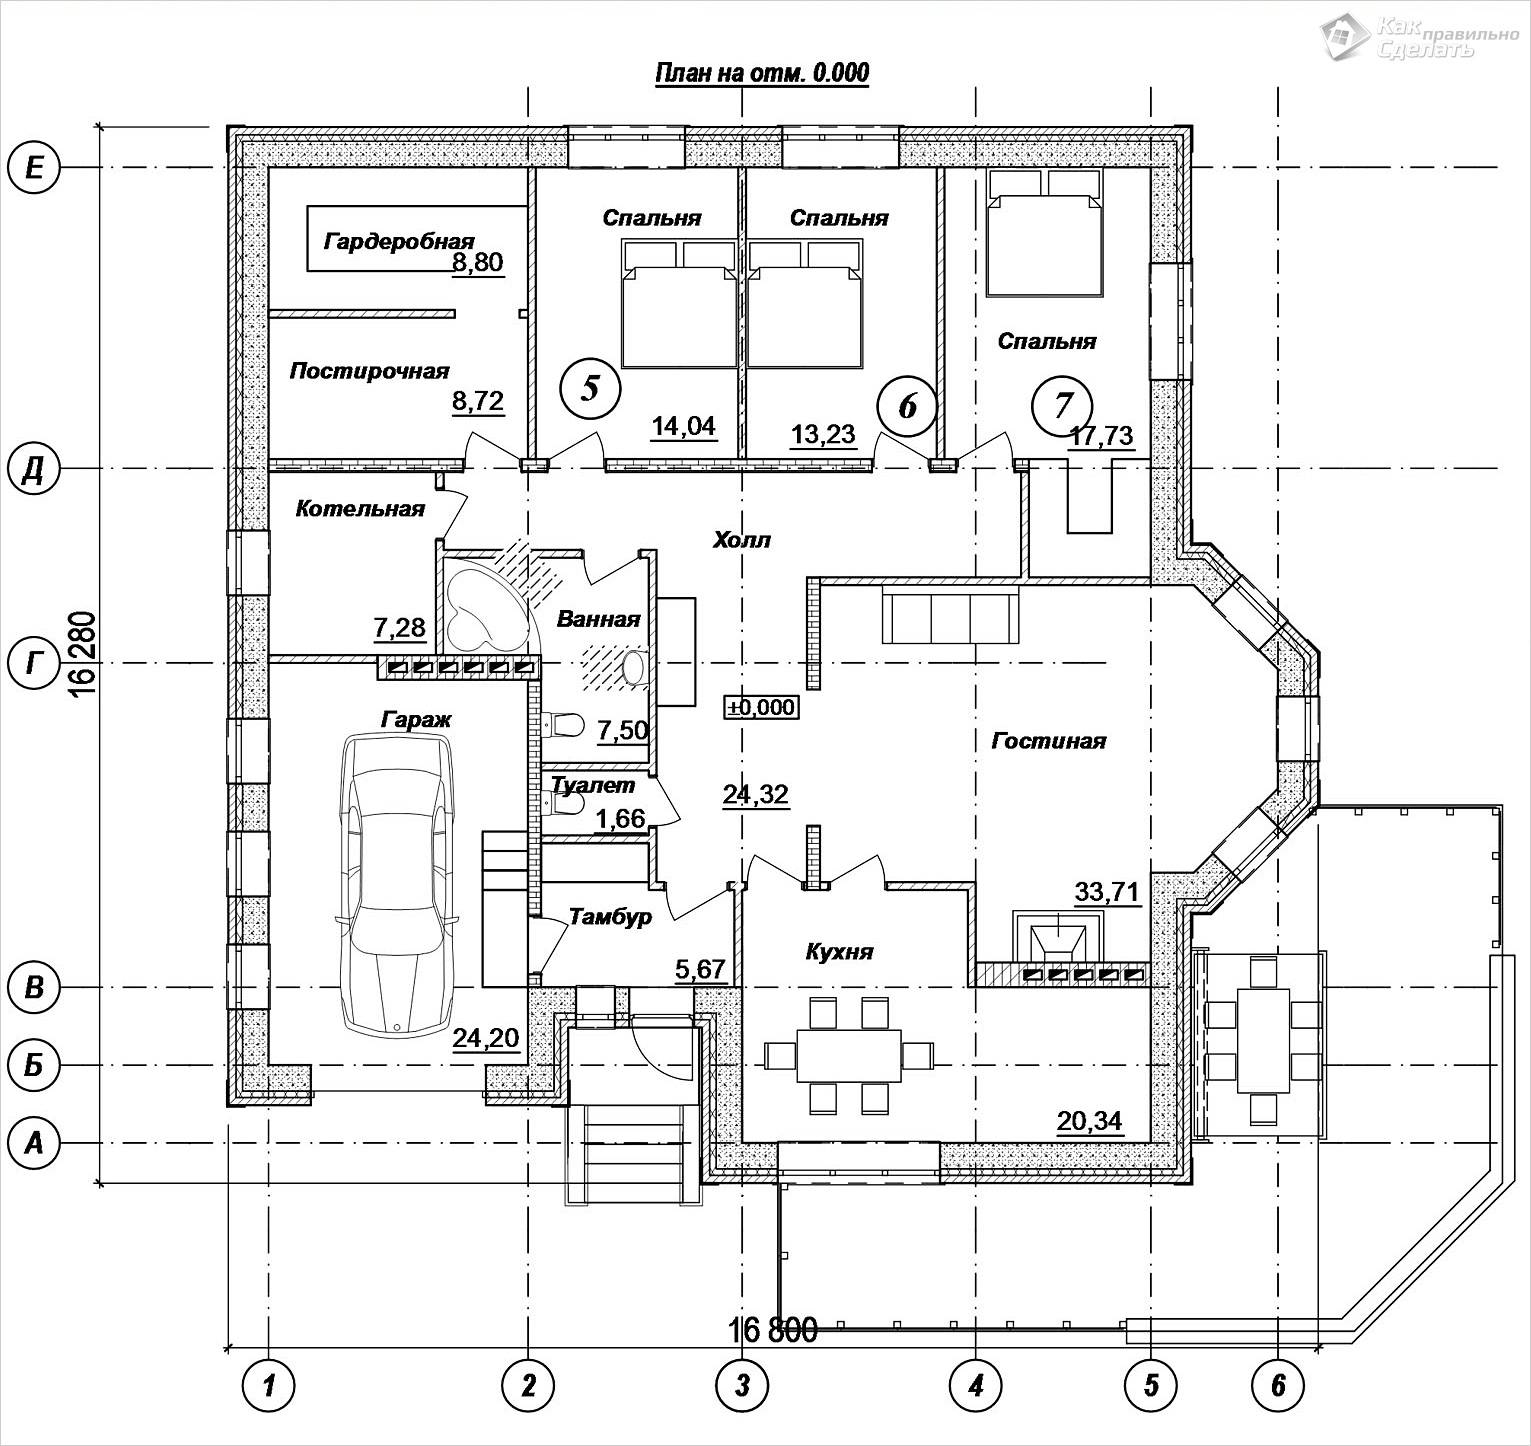 Проект одноэтажного кирпичного дома 250 м2